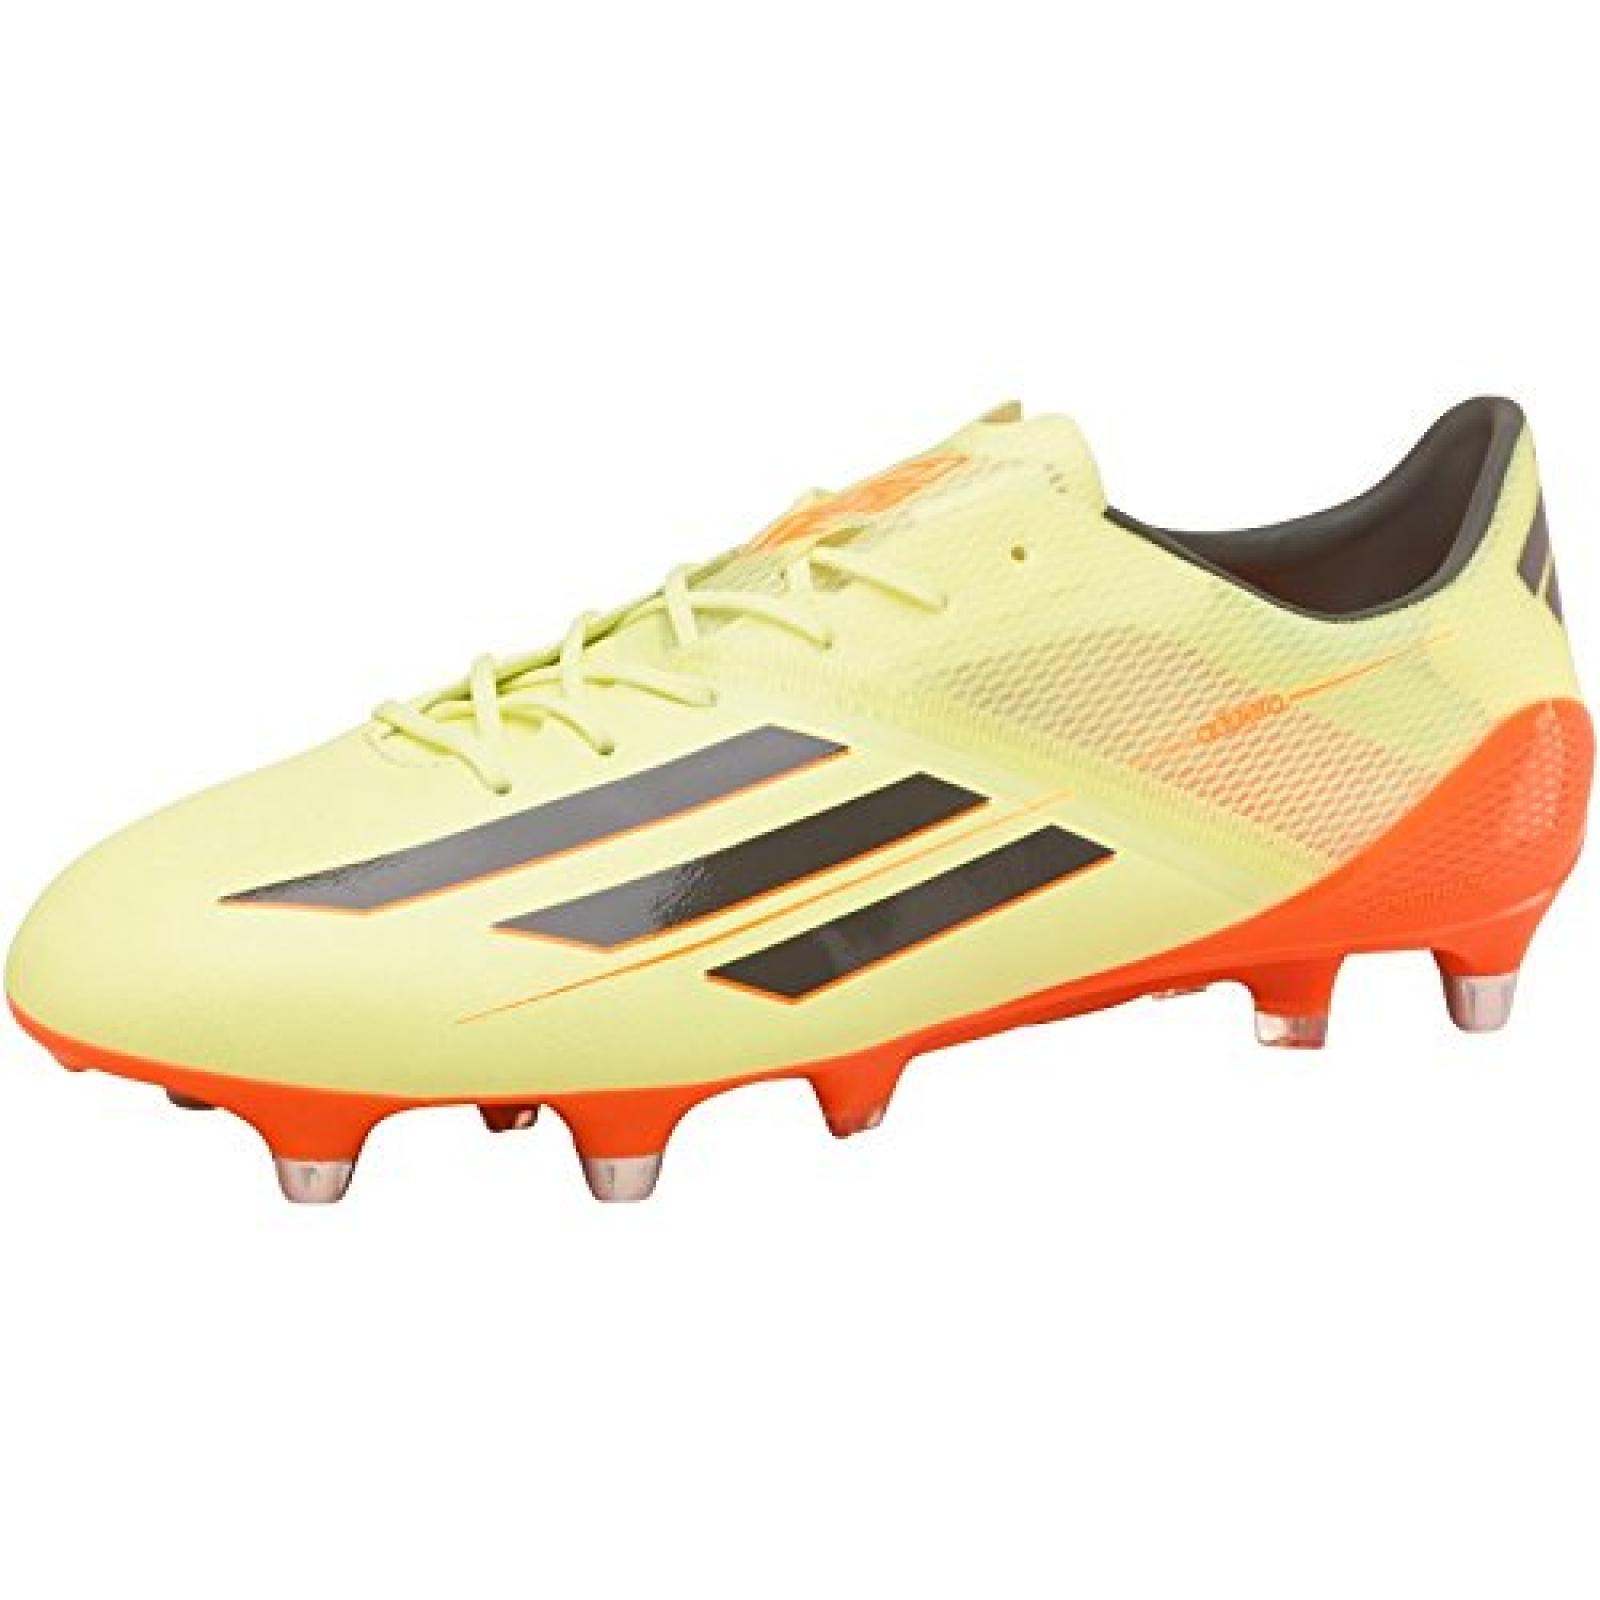 adidas f50 adizero gelb orange